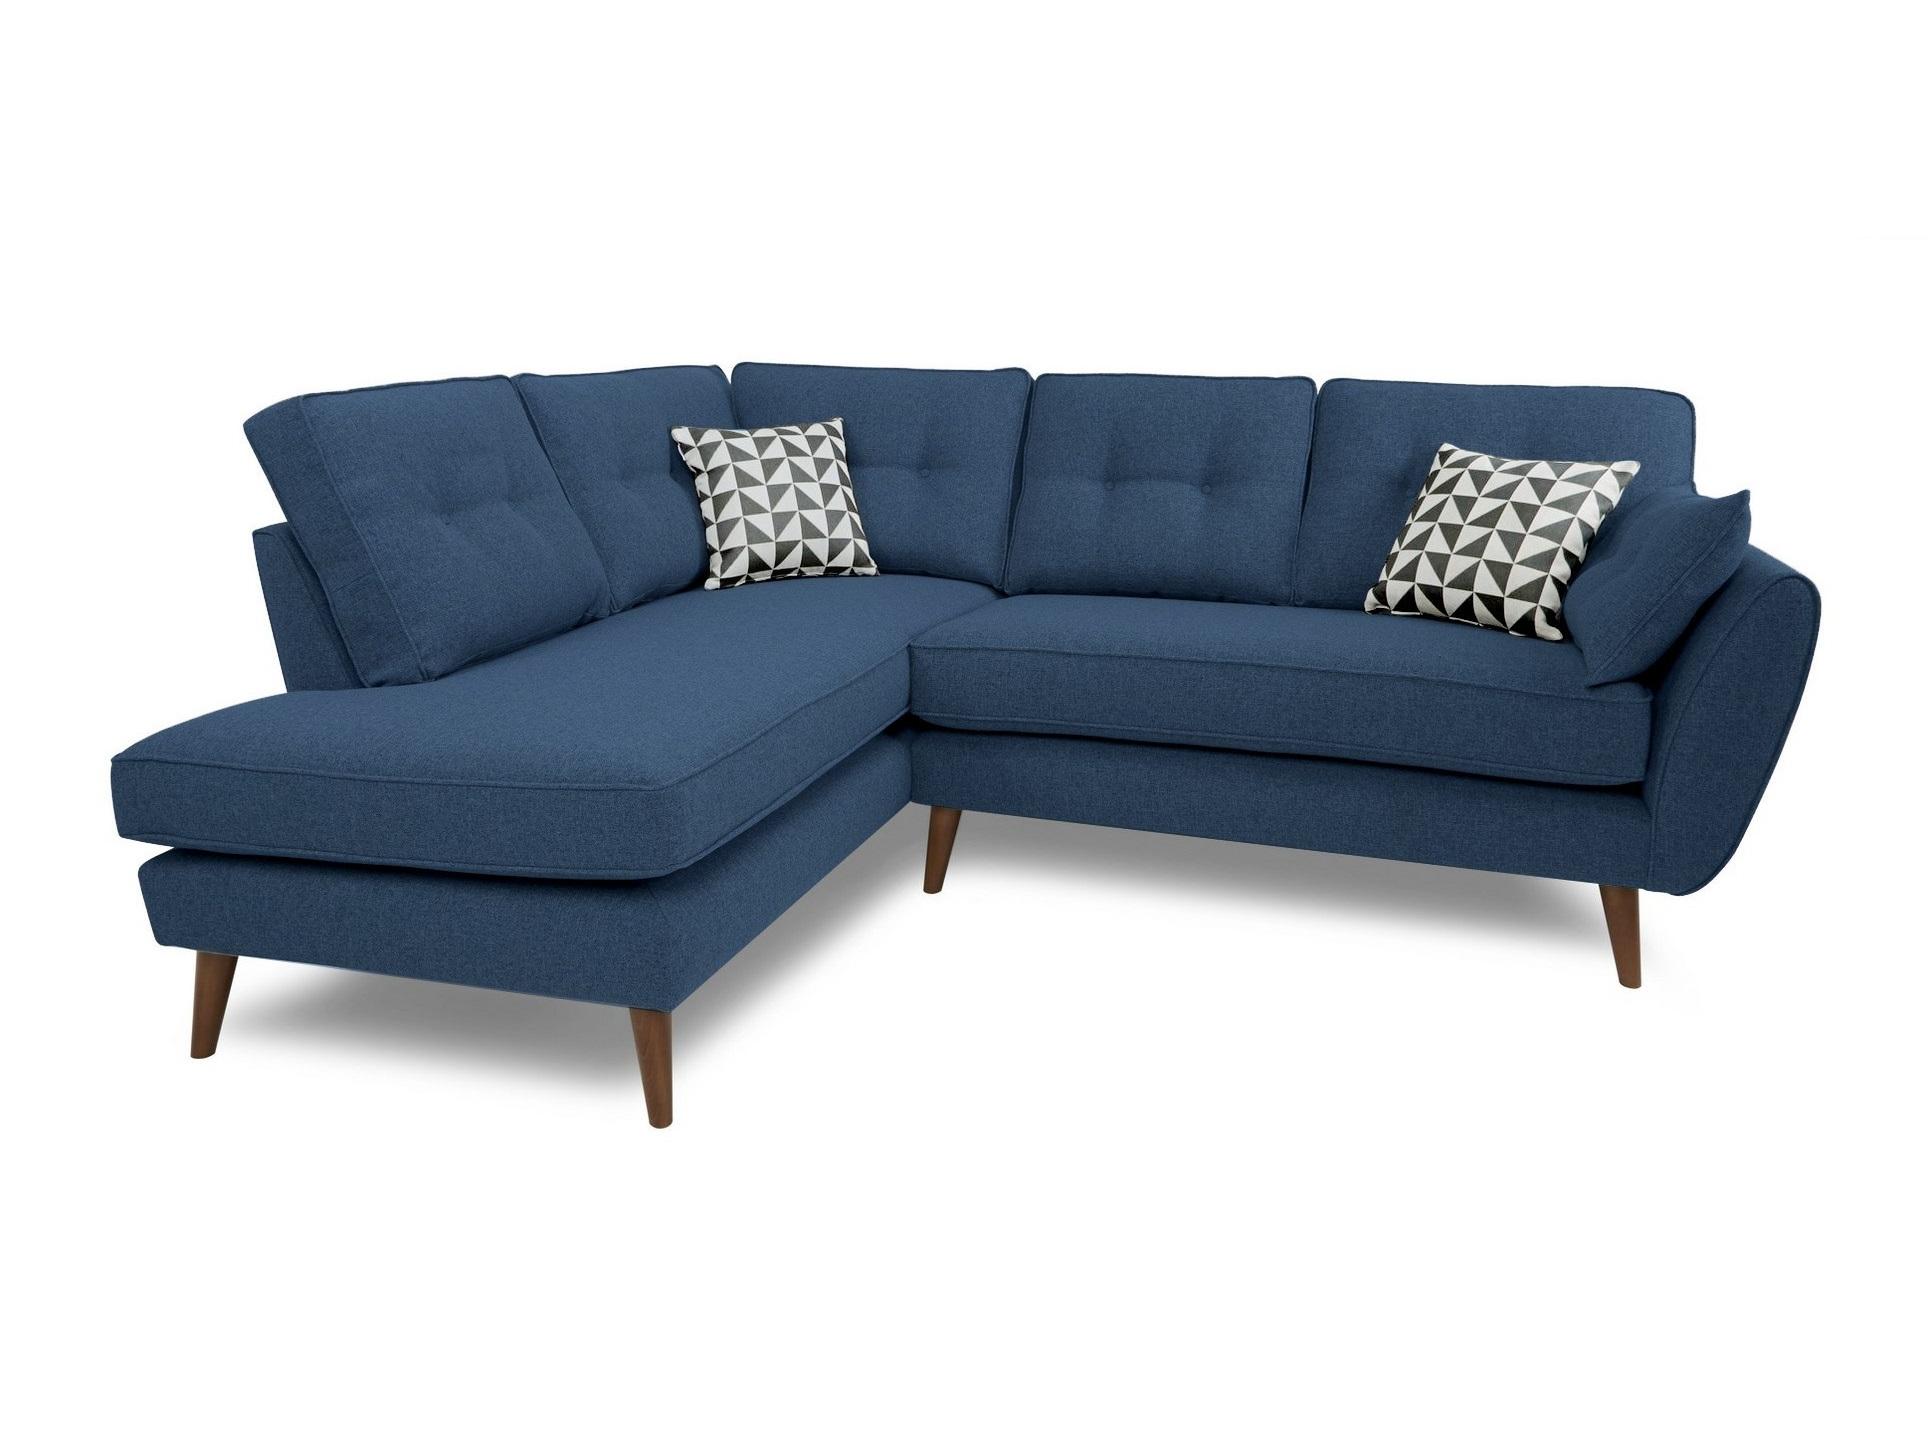 Угловой диван VogueУгловые диваны<br>Современный диван с легким намеком на &amp;quot;ретро&amp;quot; идеально подойдет для городских квартир. У него скругленные подлокотники, упругие подушки и как раз та длина, чтобы вы могли вытянуться в полный рост. &amp;amp;nbsp;Но благодаря высоким ножкам &amp;quot;Vogue&amp;quot; выглядит лаконично и элегантно.&amp;lt;div&amp;gt;&amp;lt;br&amp;gt;&amp;lt;/div&amp;gt;&amp;lt;div&amp;gt;Корпус: фанера, брус&amp;lt;div&amp;gt;Ткань 100% полиэстер, 30-50 000 циклов&amp;lt;/div&amp;gt;&amp;lt;div&amp;gt;Ширина сторон: 227х182 см&amp;lt;/div&amp;gt;&amp;lt;div&amp;gt;Ножки (Дерево)&amp;lt;/div&amp;gt;&amp;lt;div&amp;gt;&amp;lt;span style=&amp;quot;font-weight: 700;&amp;quot;&amp;gt;При заказе уточняйте сторону угла (левый или правый)!&amp;lt;/span&amp;gt;&amp;lt;/div&amp;gt;&amp;lt;div&amp;gt;Еcть возможность изготовления в другом материале обивки&amp;lt;/div&amp;gt;&amp;lt;/div&amp;gt;<br><br>Material: Текстиль<br>Ширина см: 227<br>Высота см: 88<br>Глубина см: 91